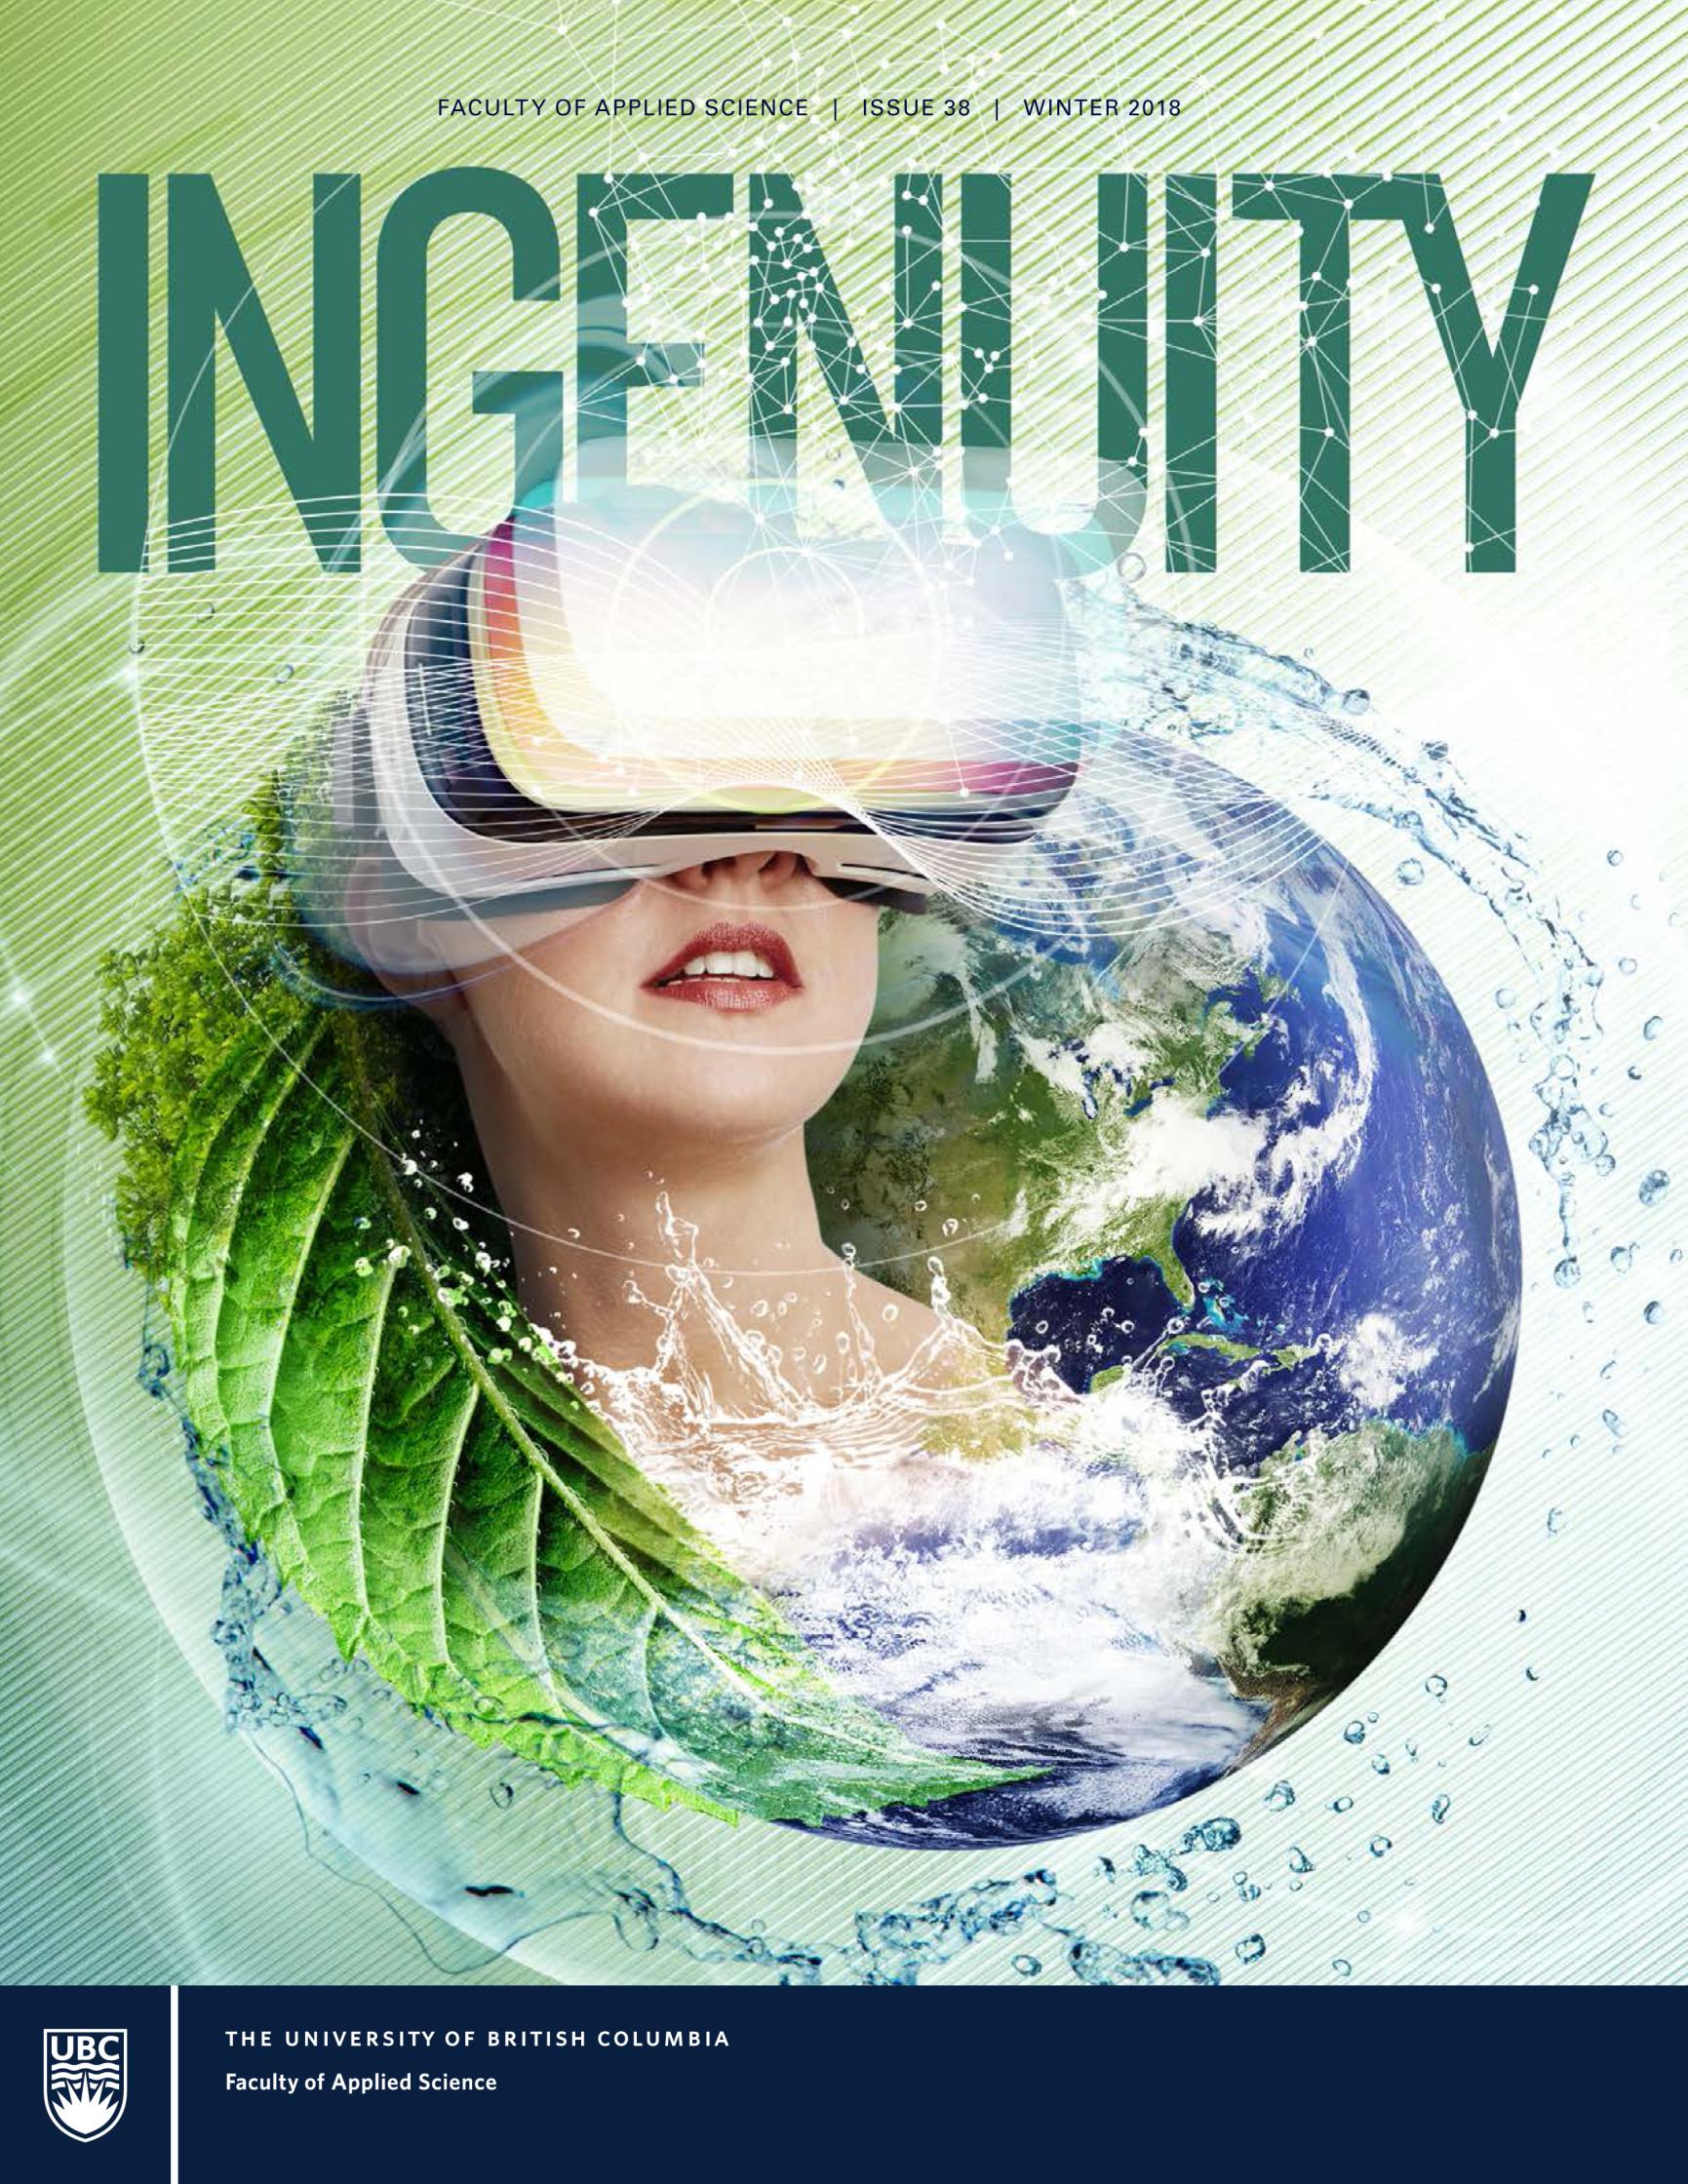 Viktor-Ingenuity Vol 38 Cover.jpg